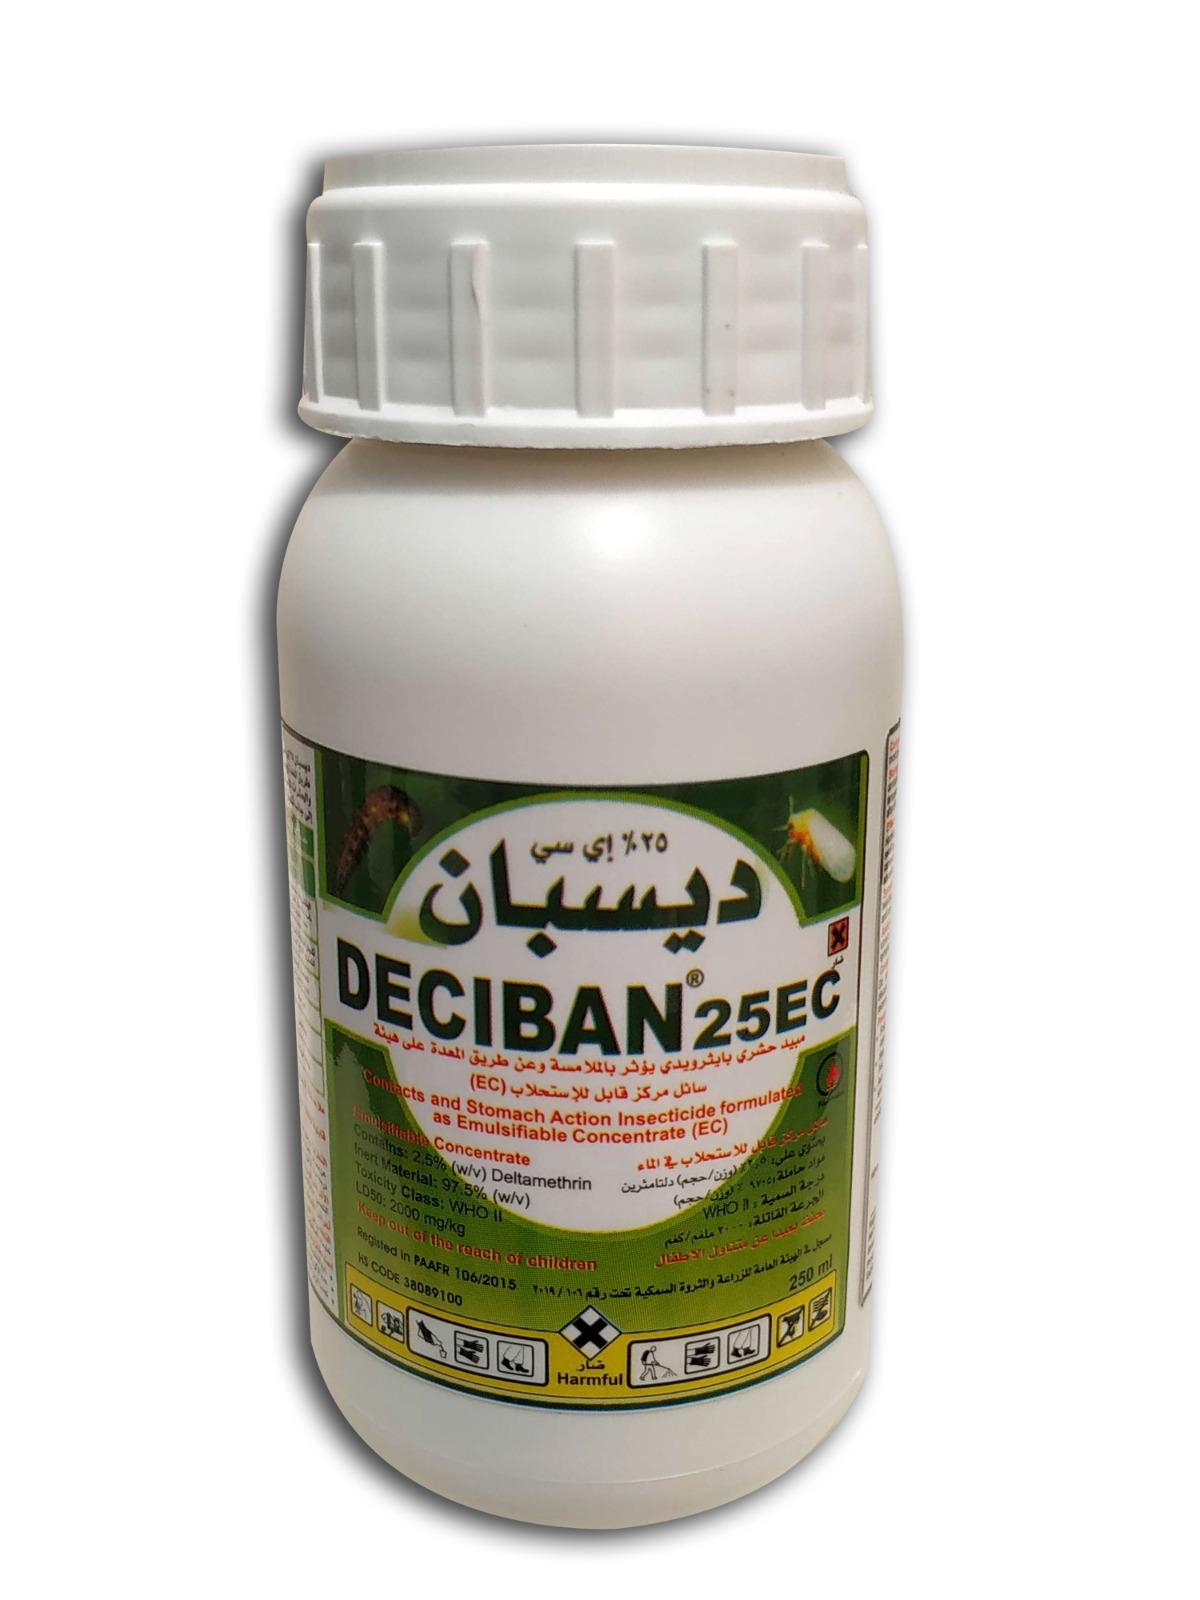 Deciban 25 EC Soil Fertilizer Pesticide